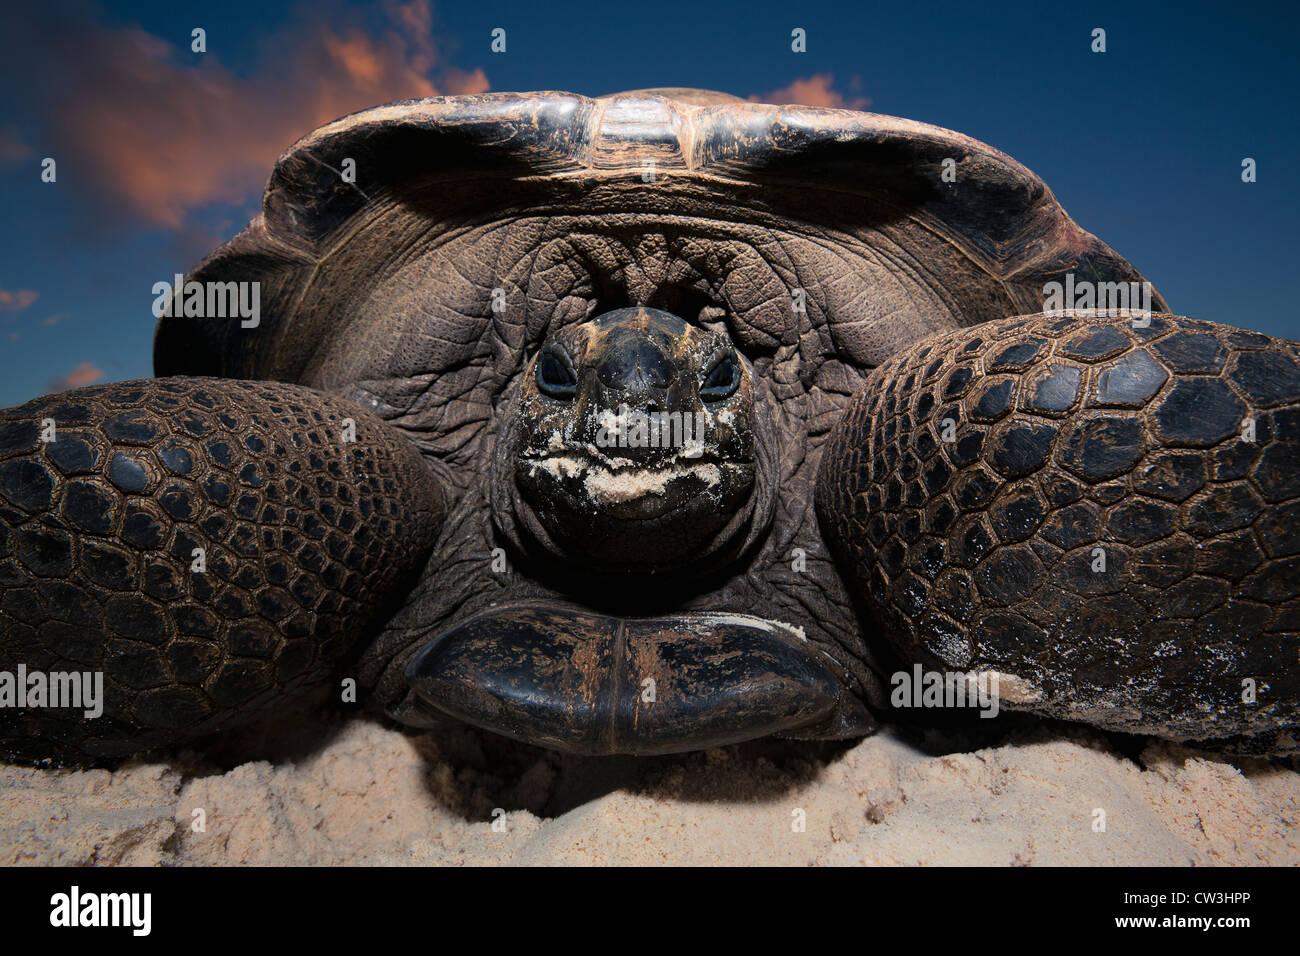 Tortue géante (Geochelone gigantea). Les espèces vulnérables. Dist. îles Seychelles. Photo Stock